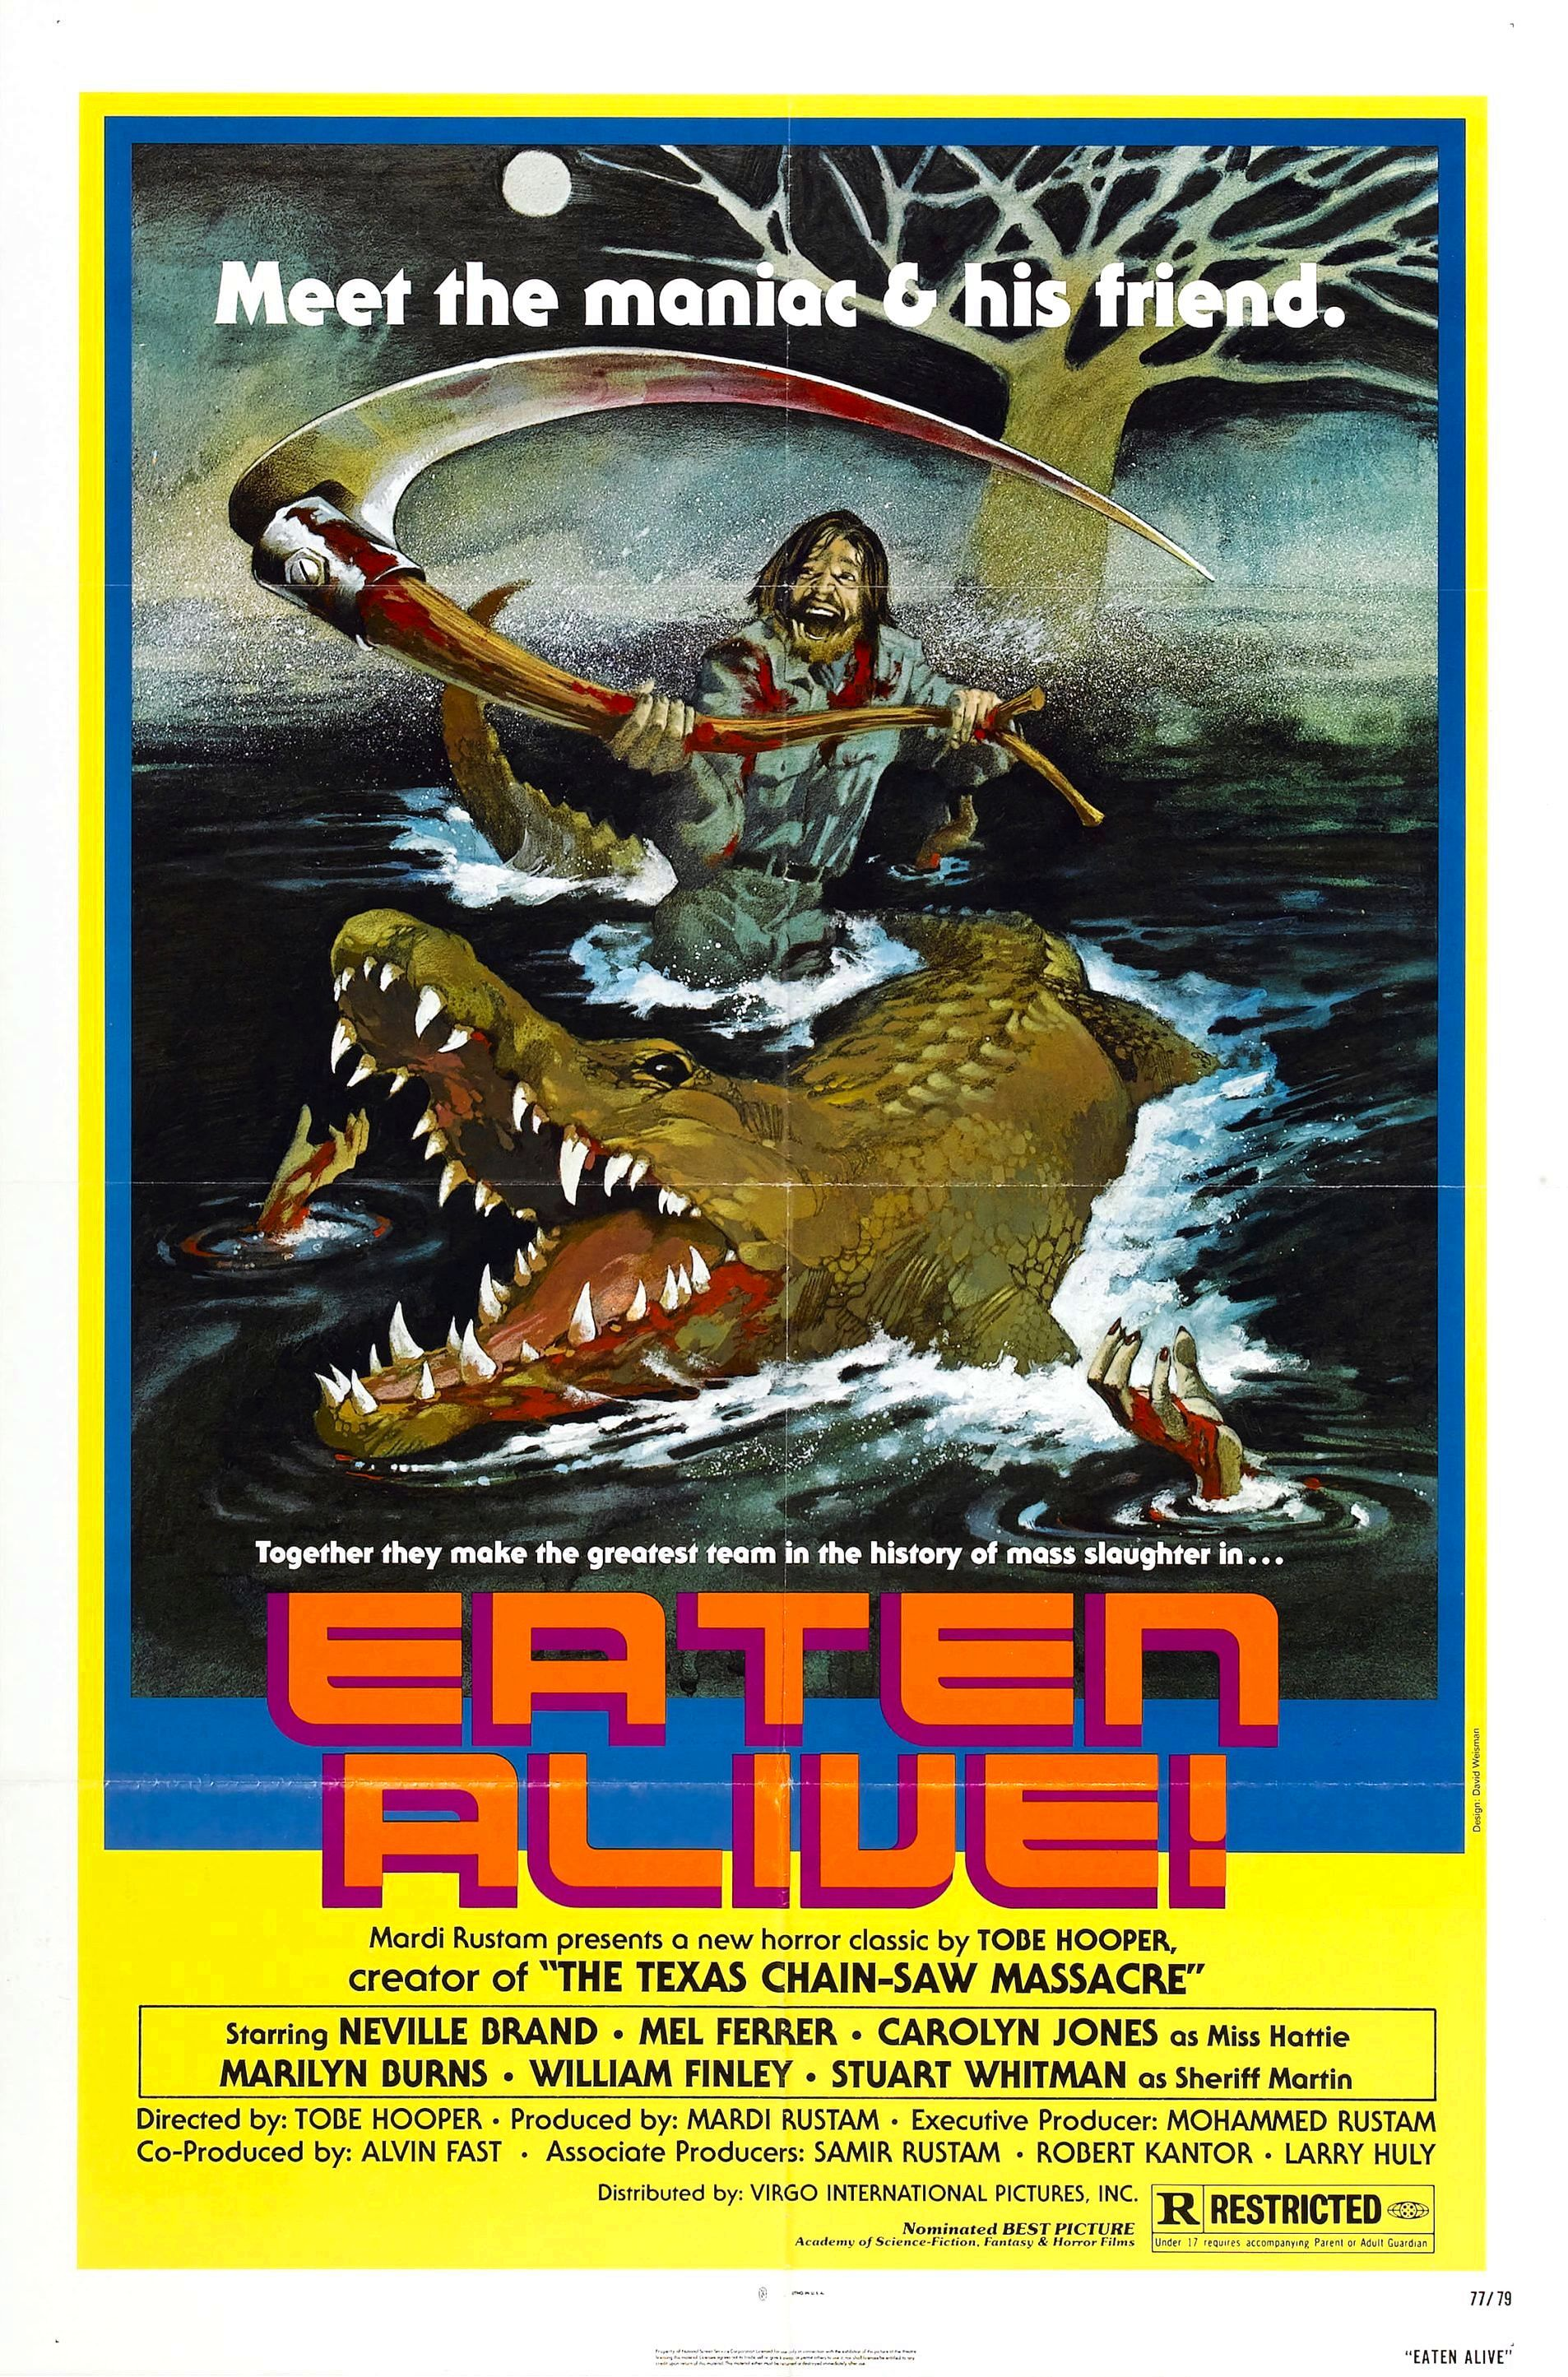 eaten_alive_1977_poster_01